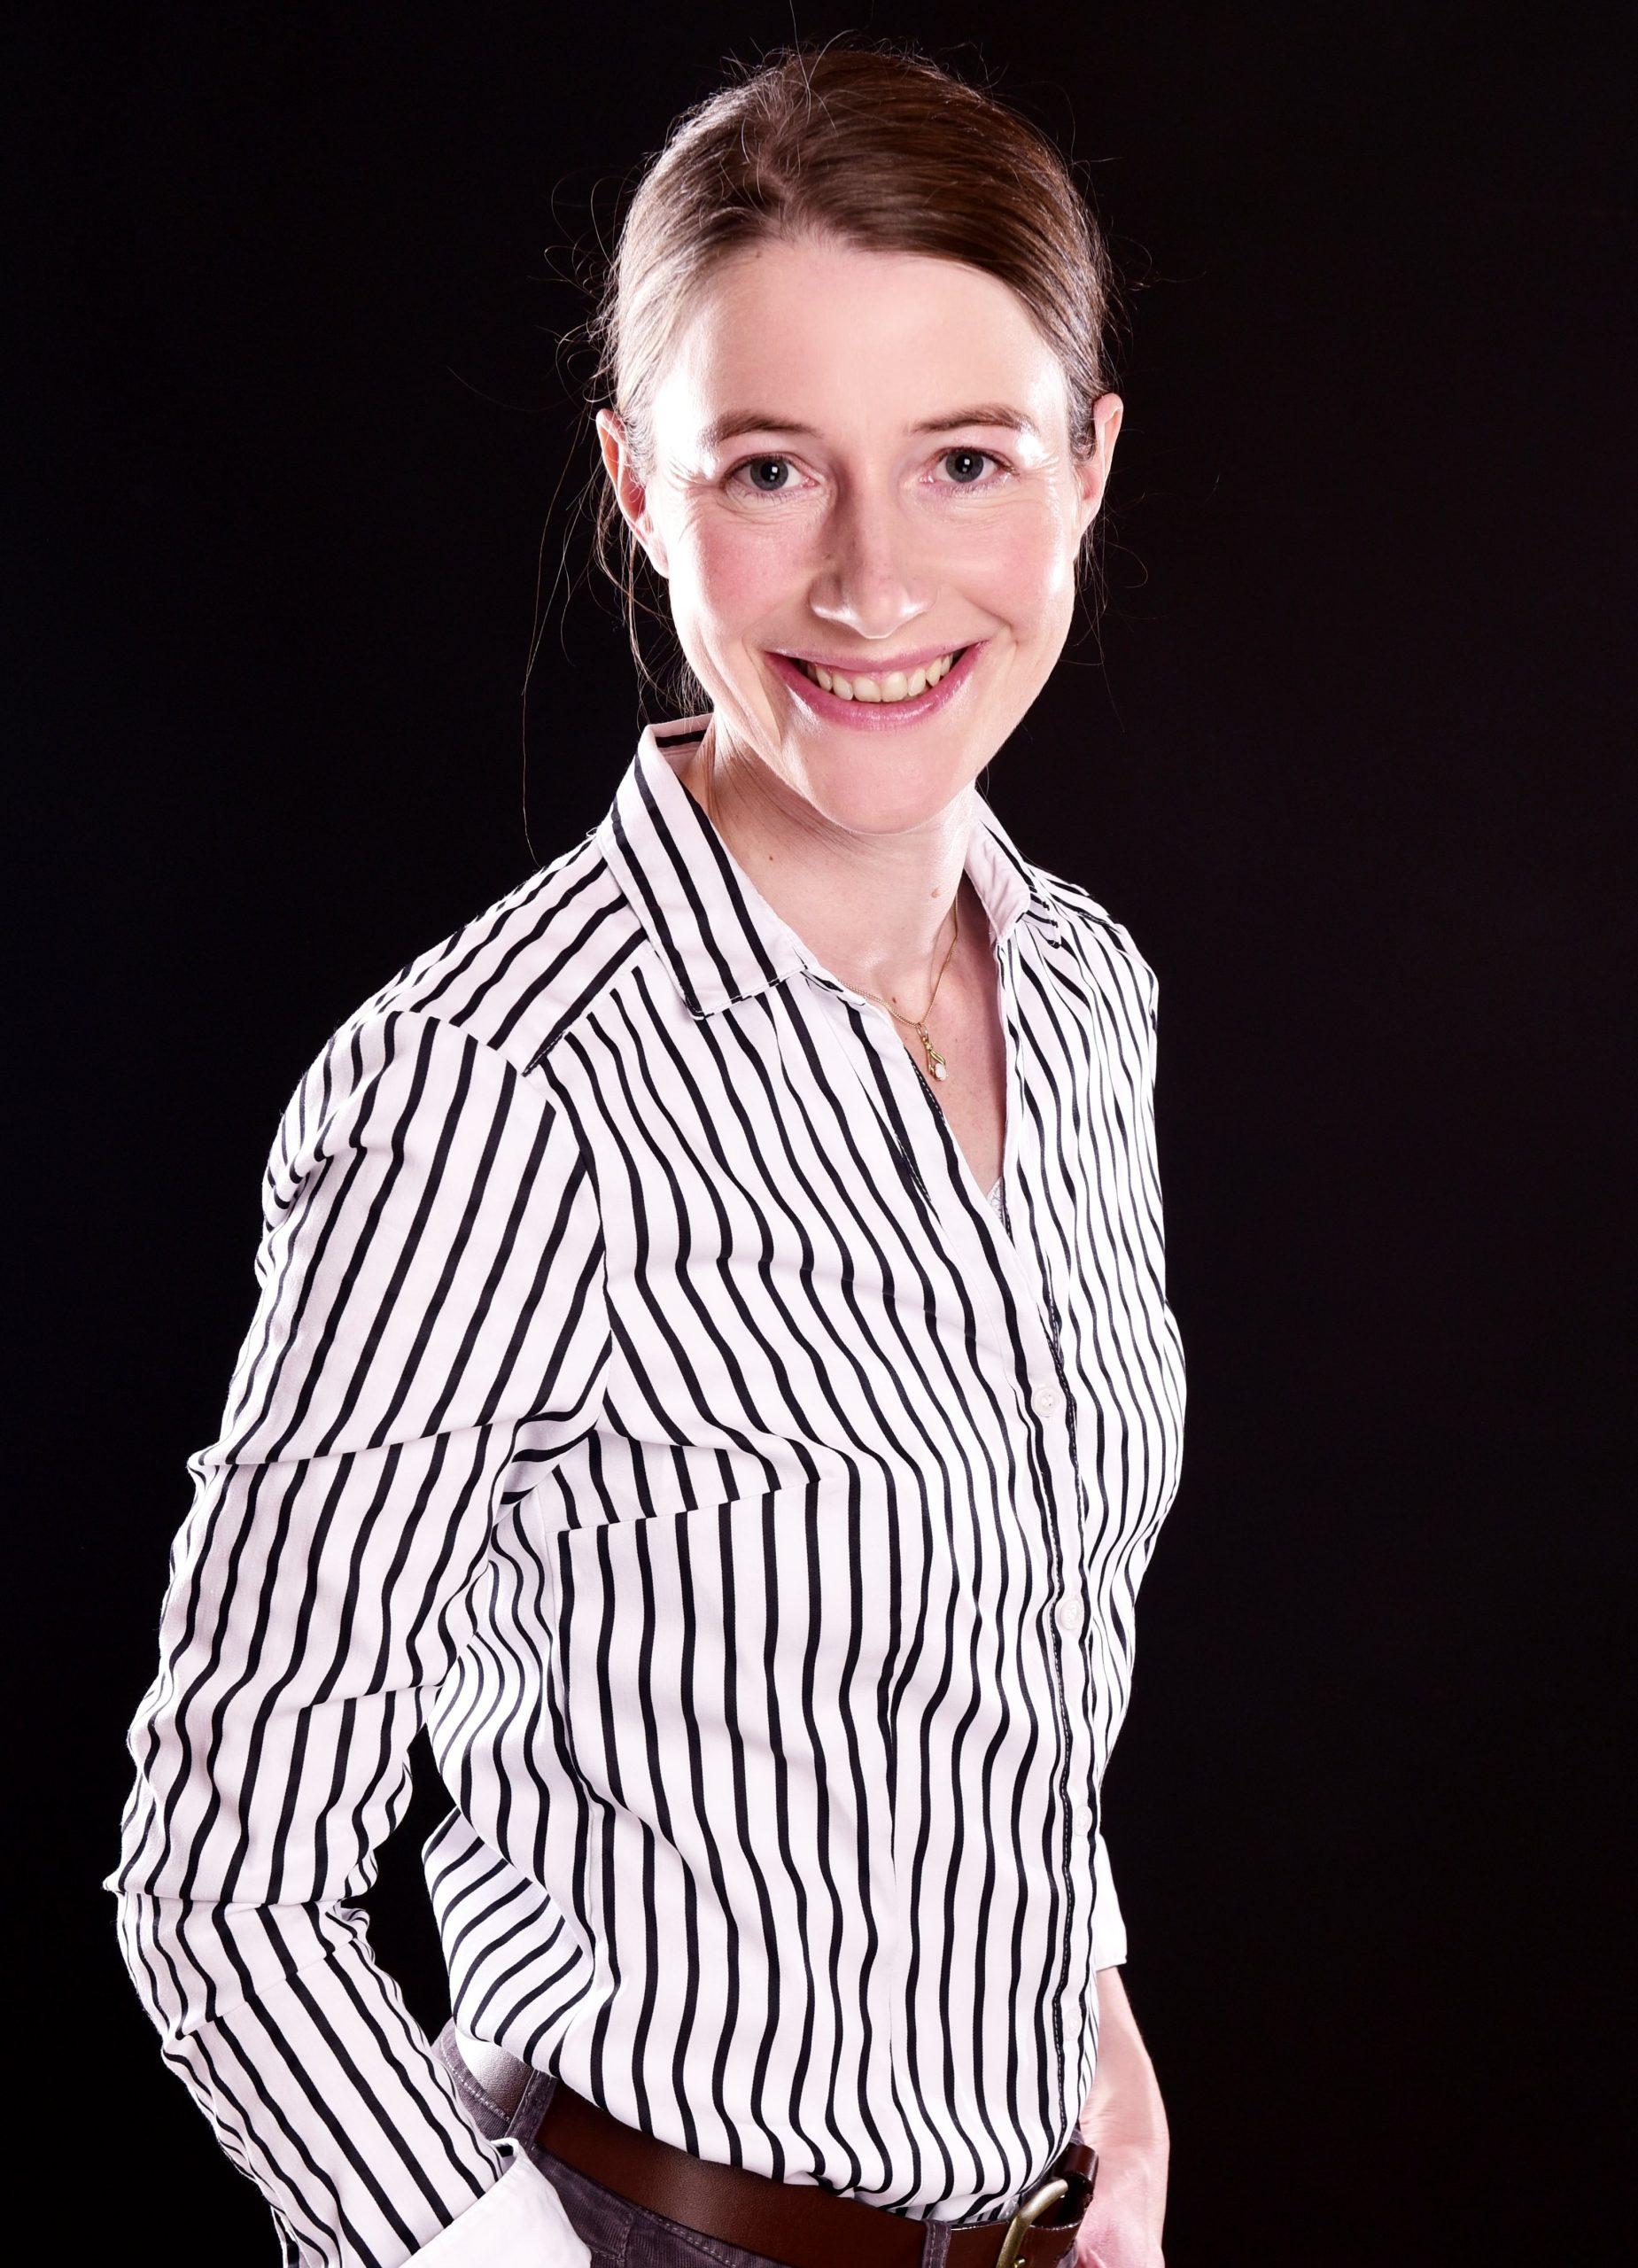 Katrin Ankenbrand__else42 GmbH